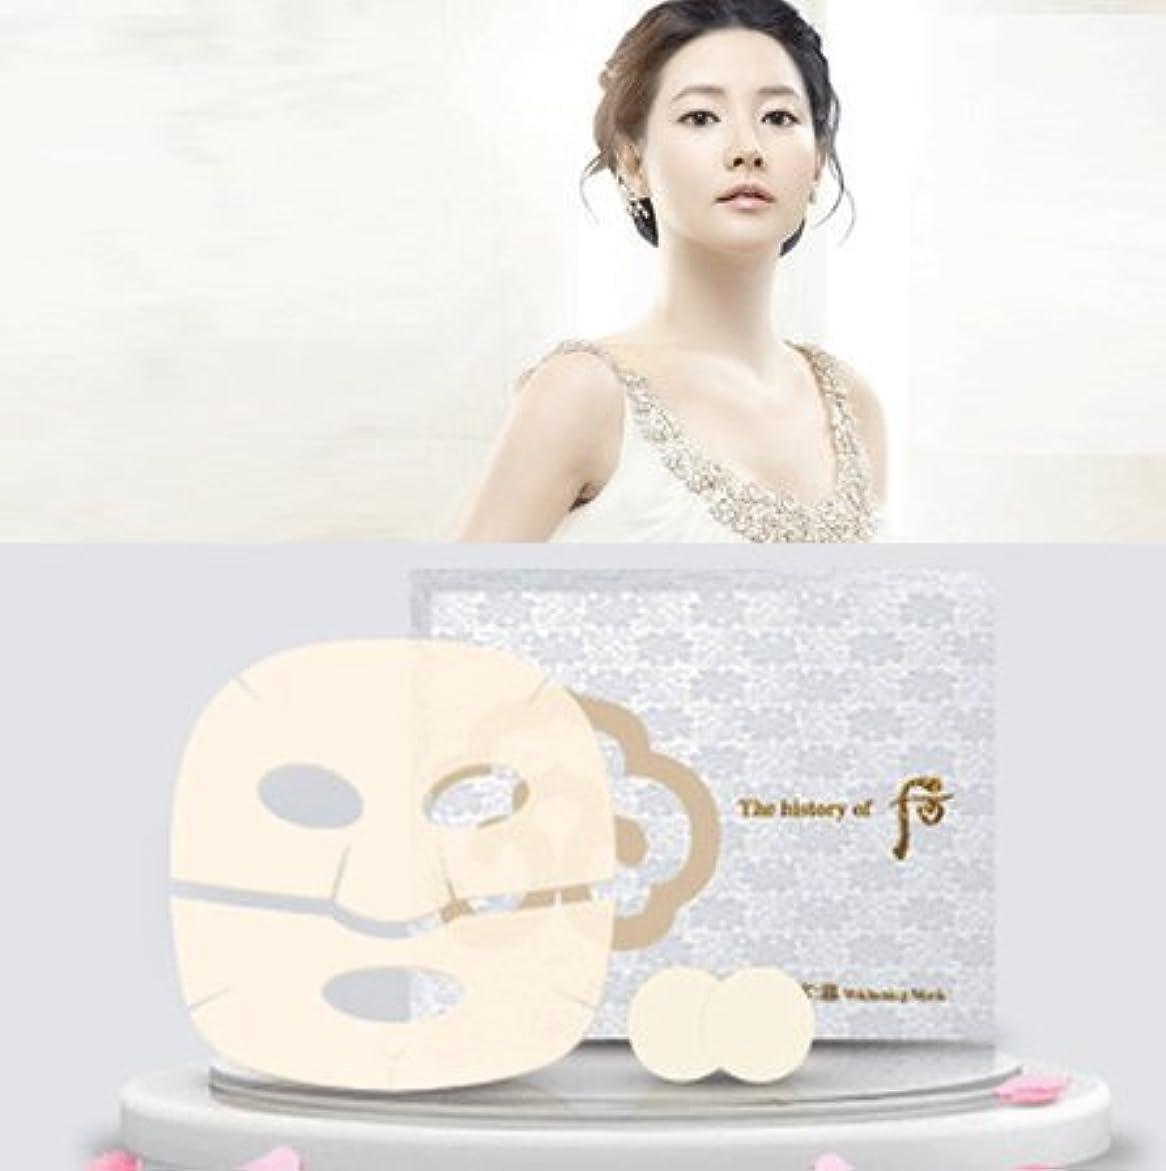 【フー/The history of whoo] Whoo后 ゴンジンヒャン 美白 光 マスク8枚入/ Gongjinhyang Mask Sheet 8ea+ Sample Gift(海外直送品)